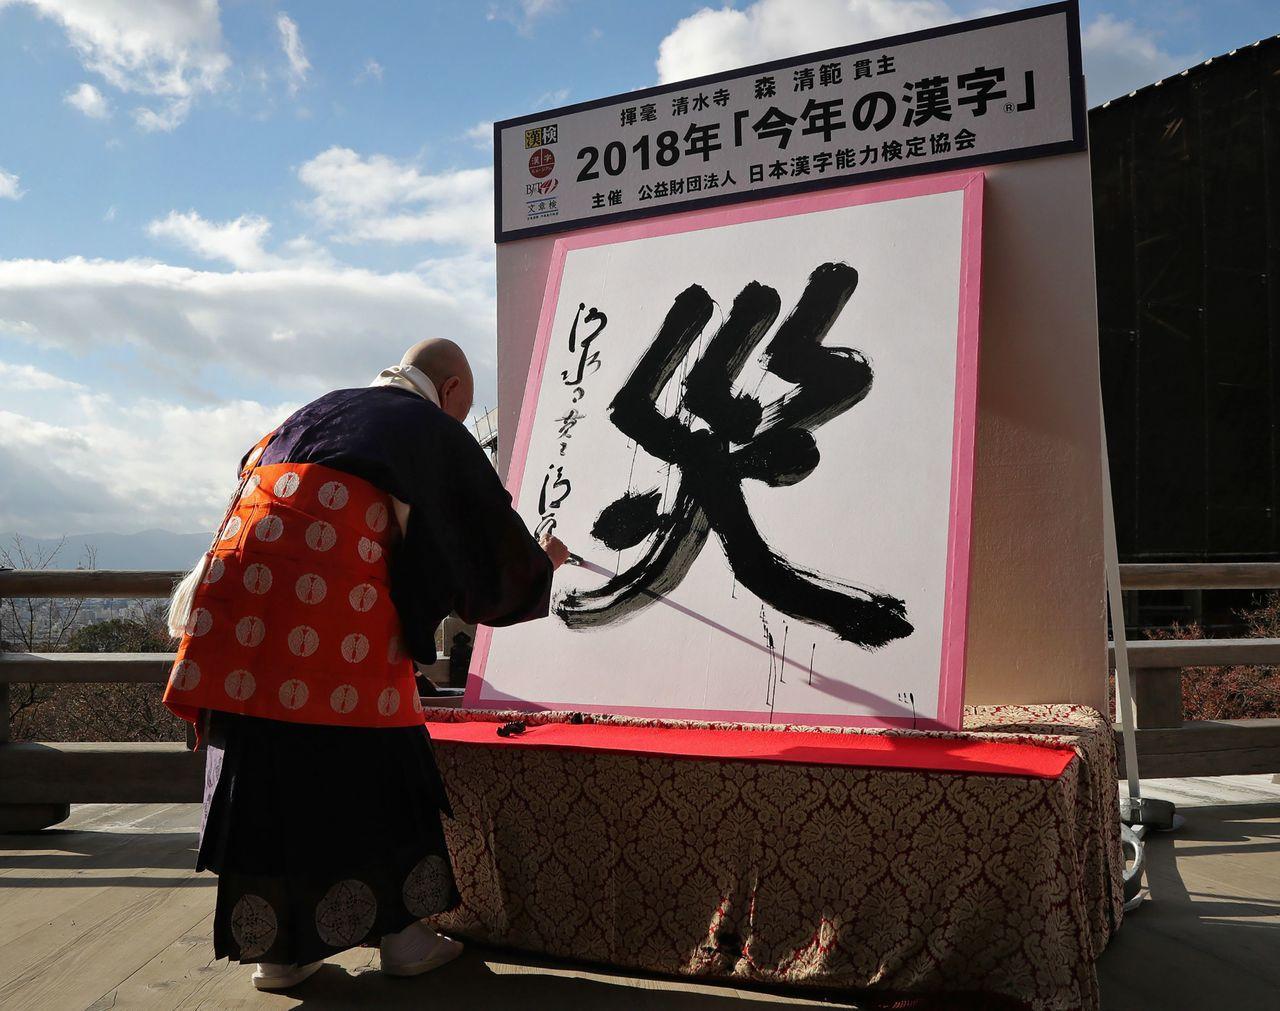 日本年度漢字「災」!地震豪雨、熱浪人禍的災難憂慮